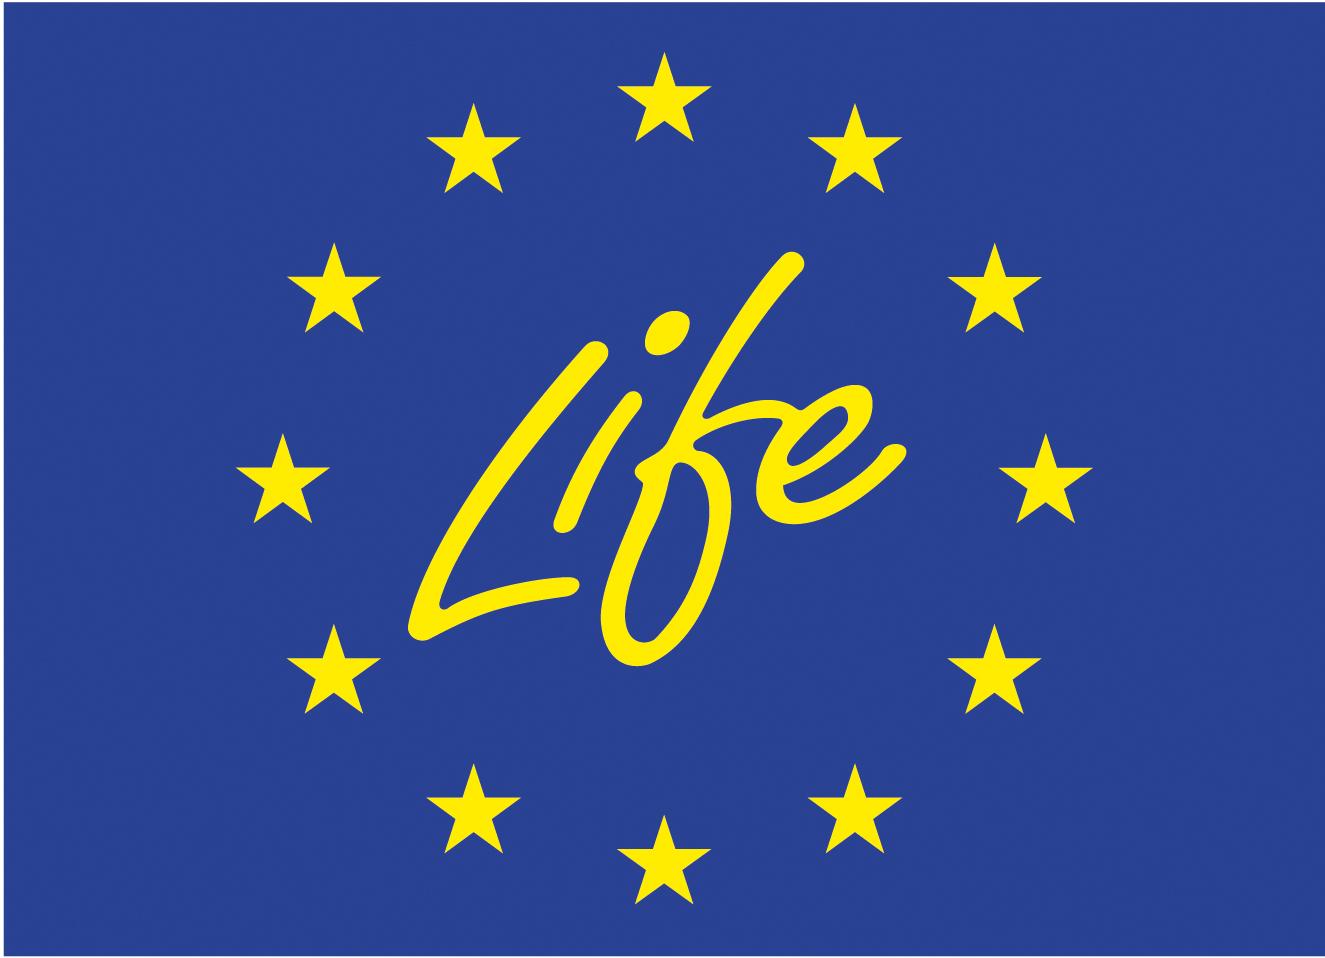 Logo van Life. Dit is een blauwe achtergrond met het woord: Life en gele sterren eromheen.